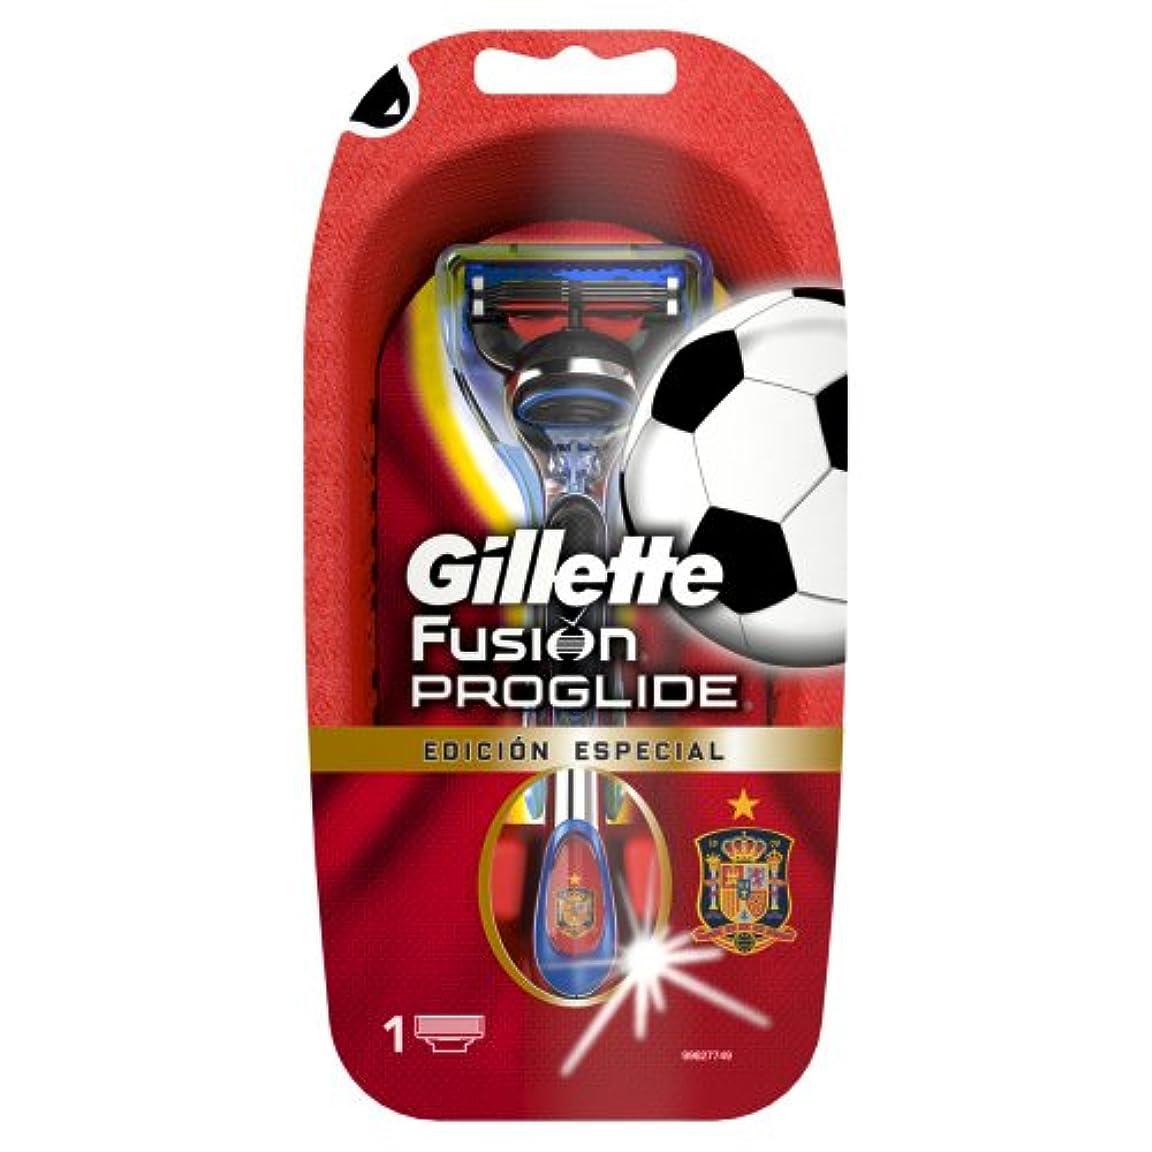 アストロラーベ毎回同情【数量限定品】 ジレット プログライド サッカースペインモデルホルダー